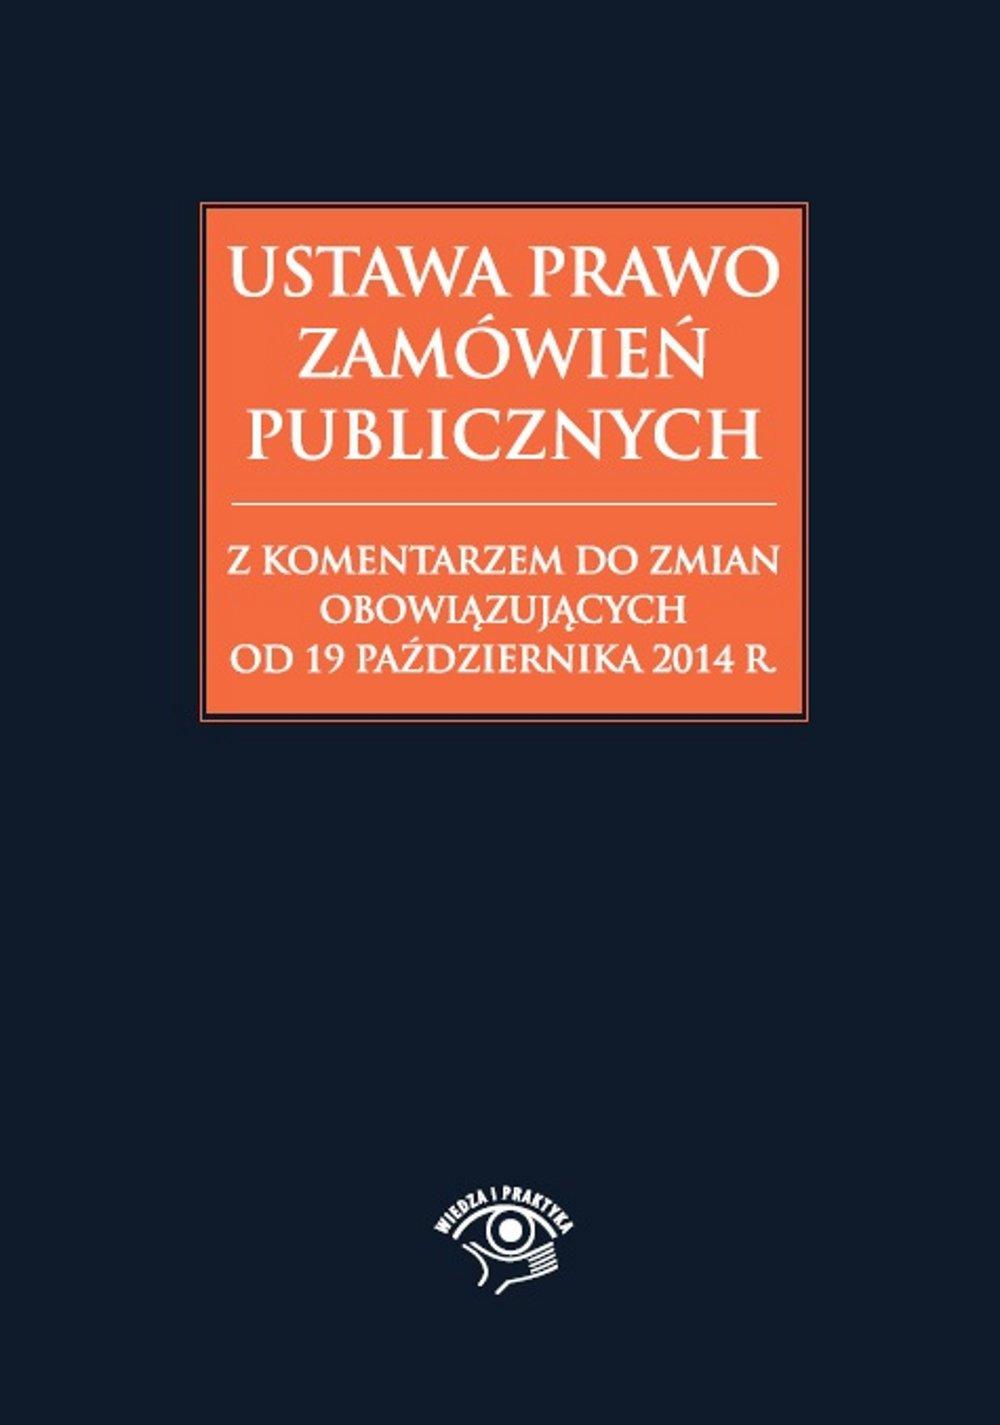 Ustawa Prawo zamówień publicznych z komentarzem do zmian obowiązujących od 19 października 2014 r. - Ebook (Książka EPUB) do pobrania w formacie EPUB